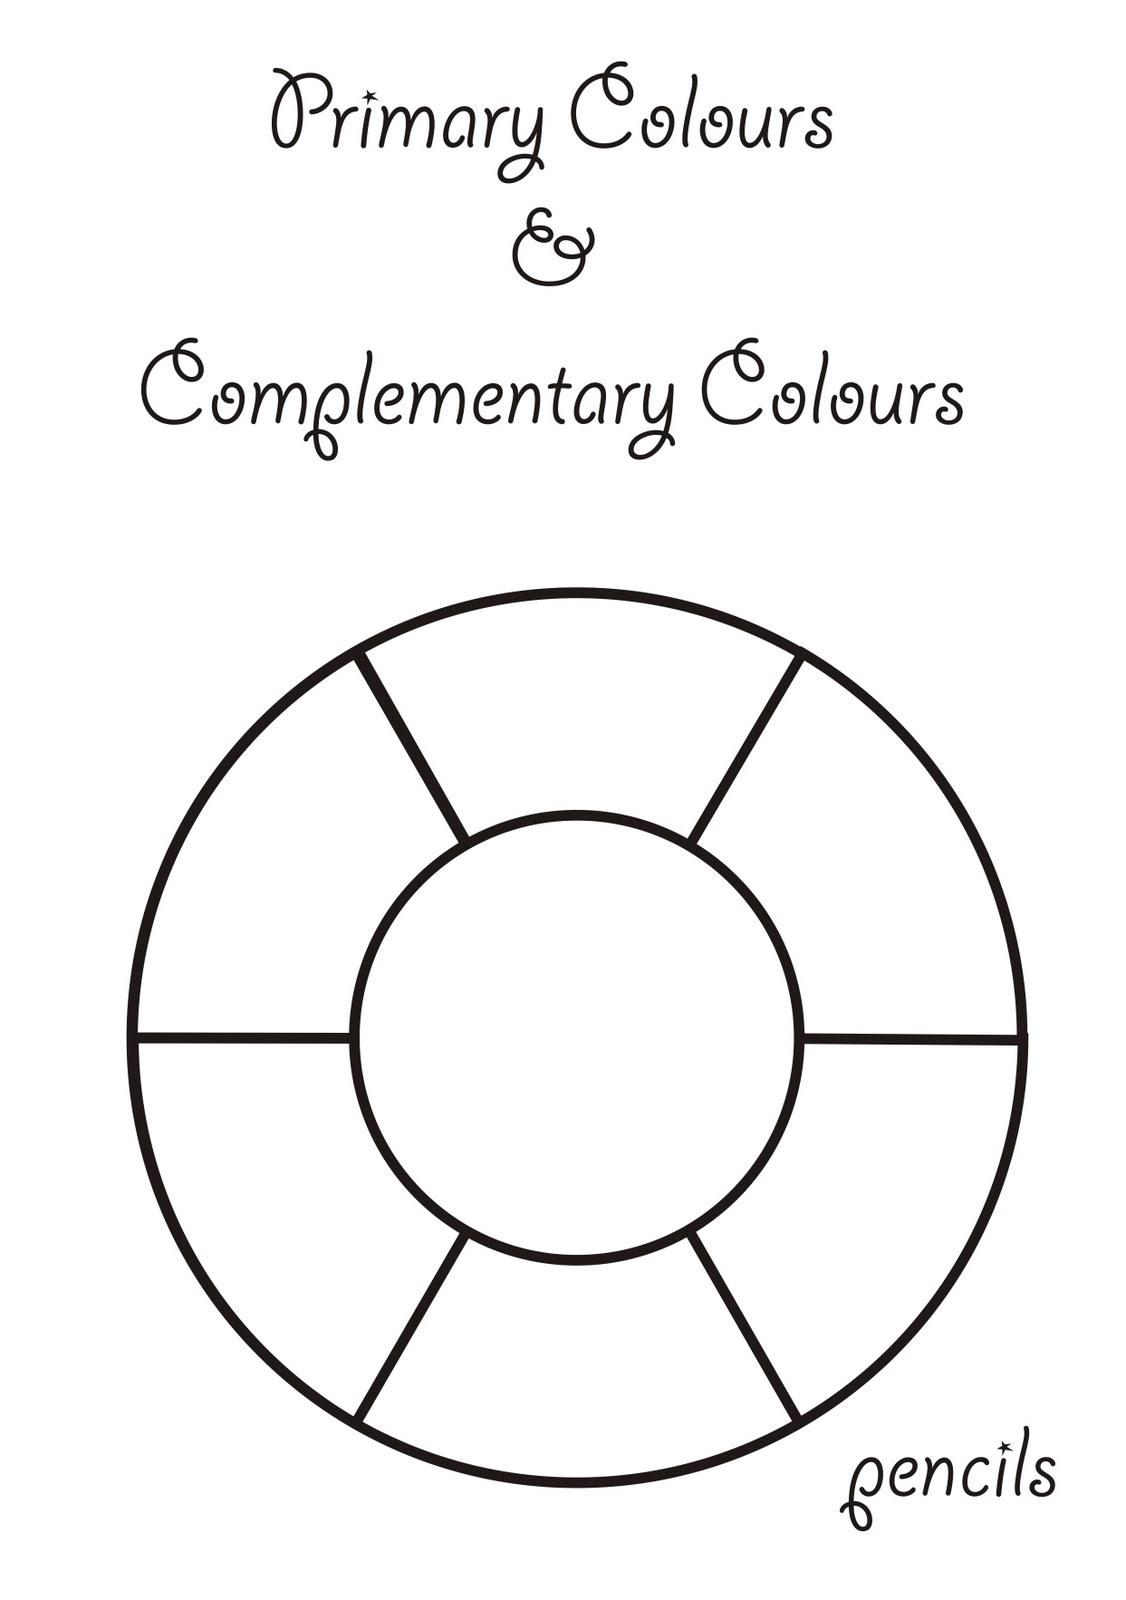 search results for printable color wheel worksheets calendar 2015. Black Bedroom Furniture Sets. Home Design Ideas